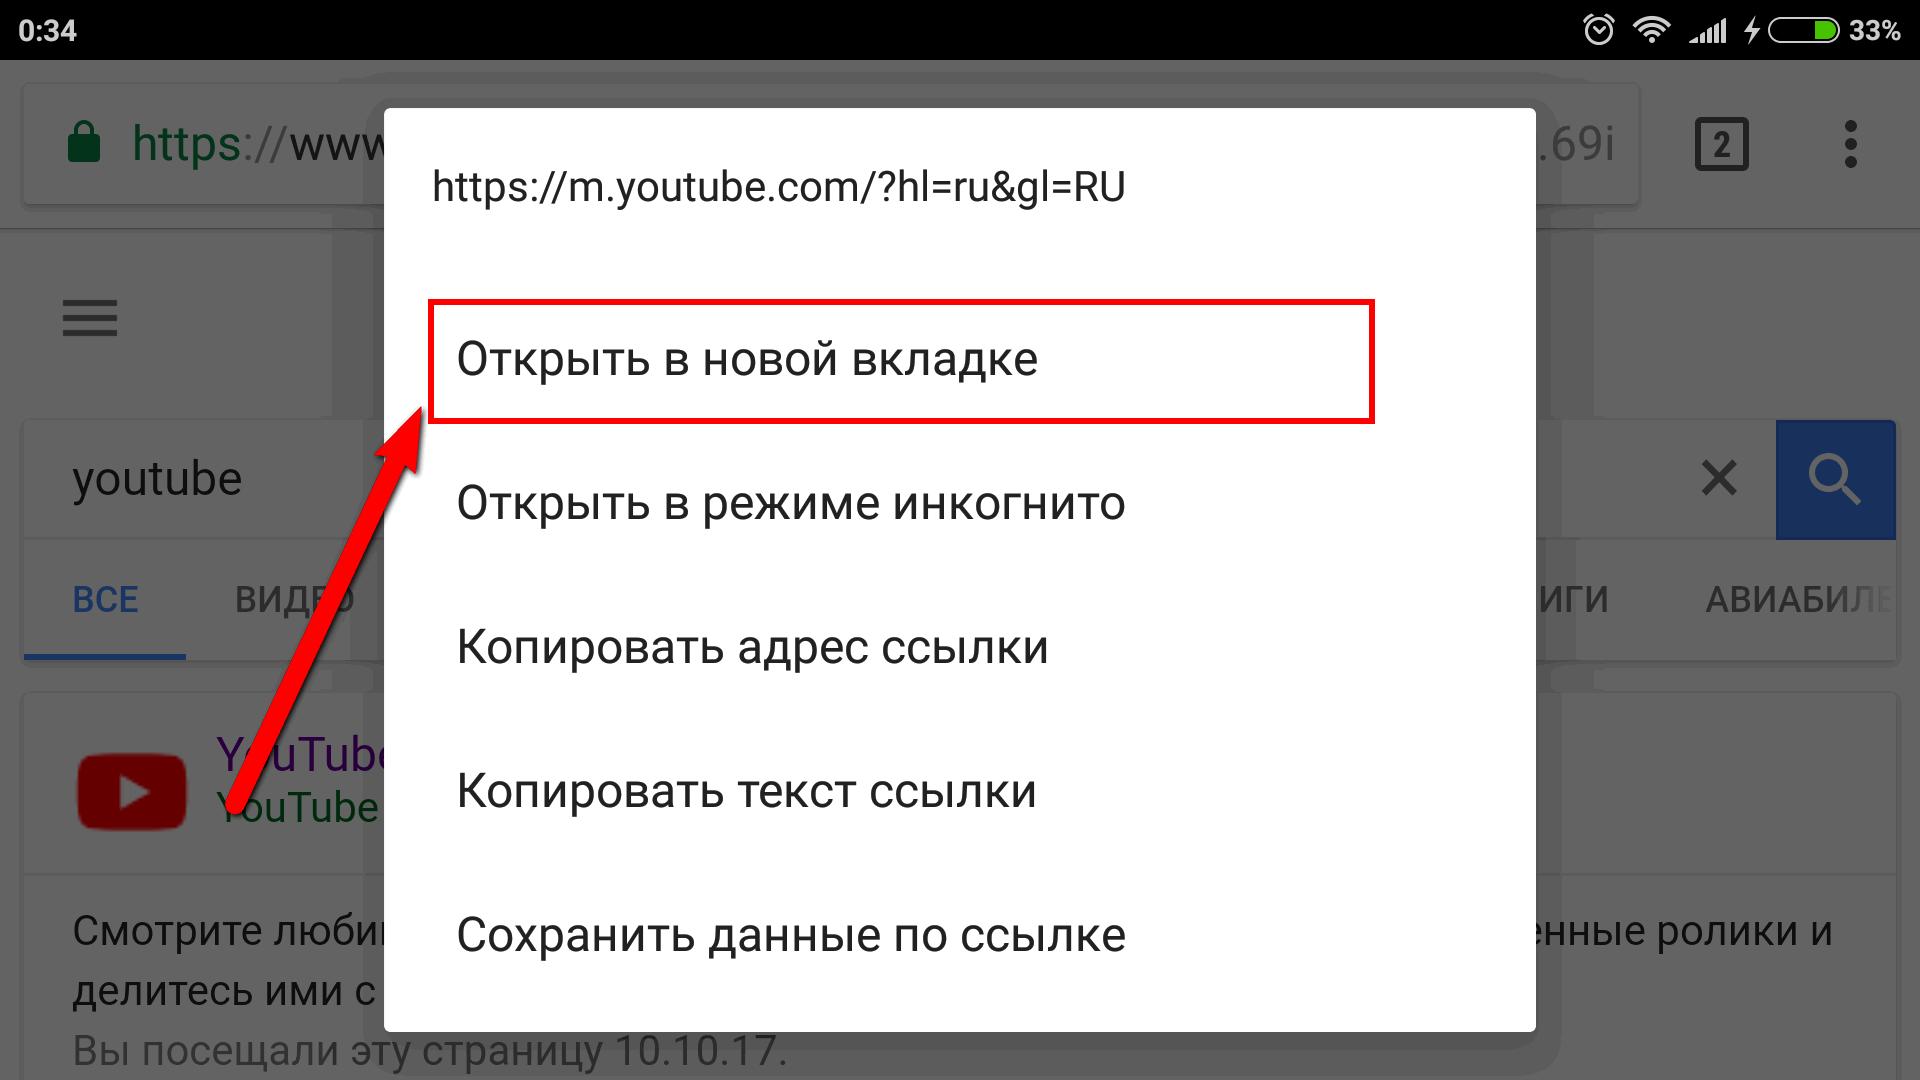 Как сделать ссылку на свой ролик 171